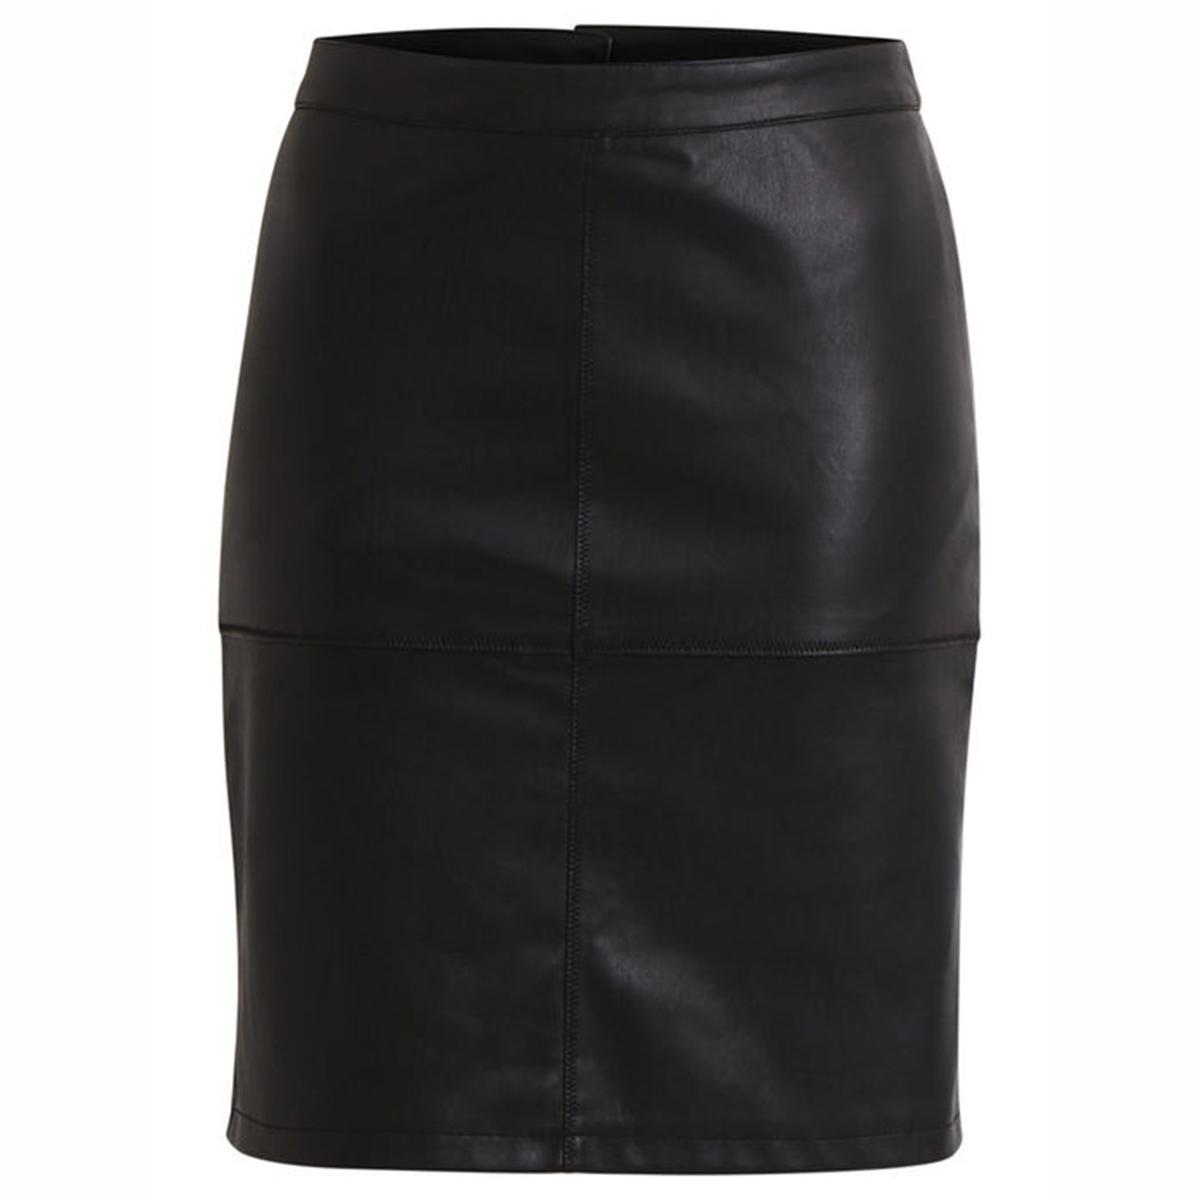 цена на Юбка-карандаш La Redoute С разрезом Vipen Skirt XS черный